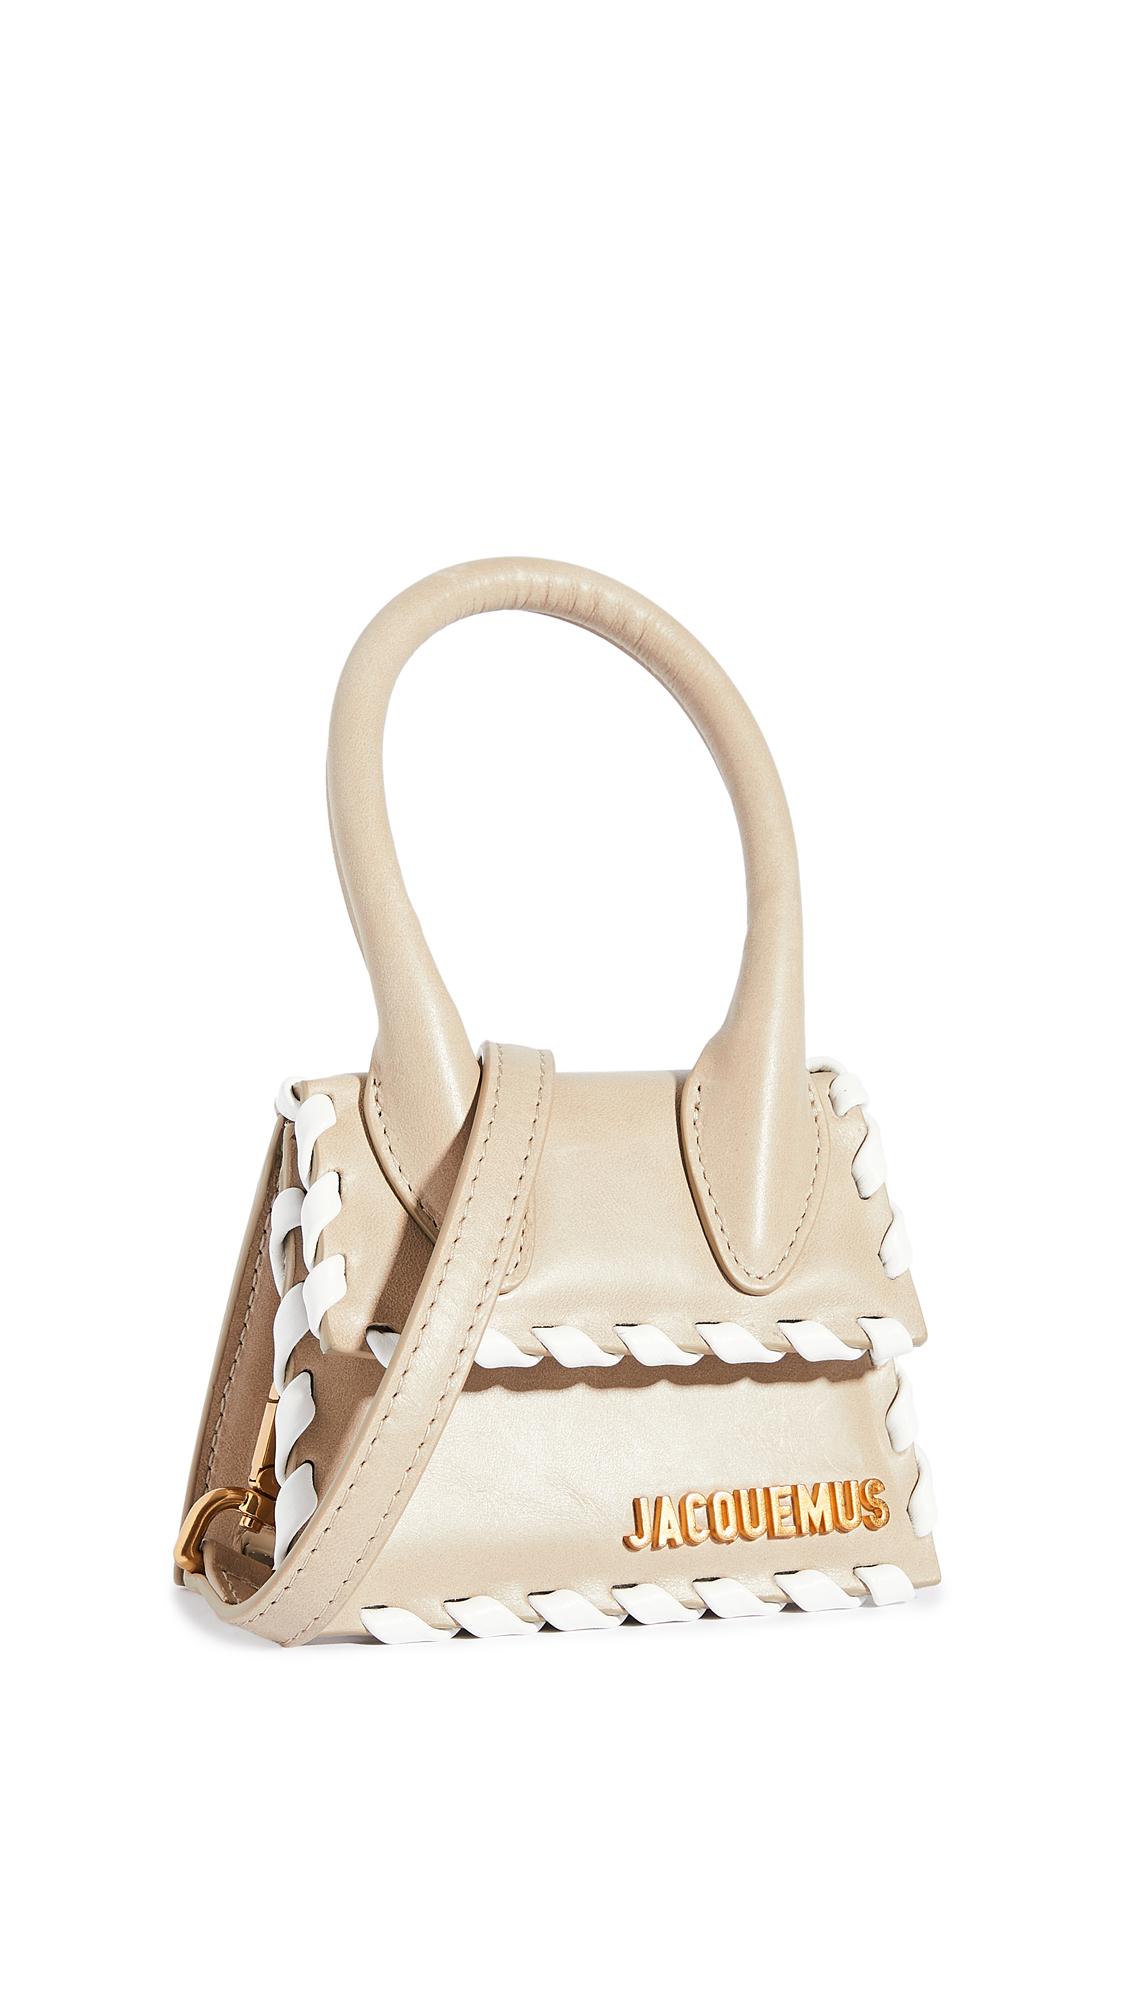 Jacquemus Le Chiquito Stripe Bag